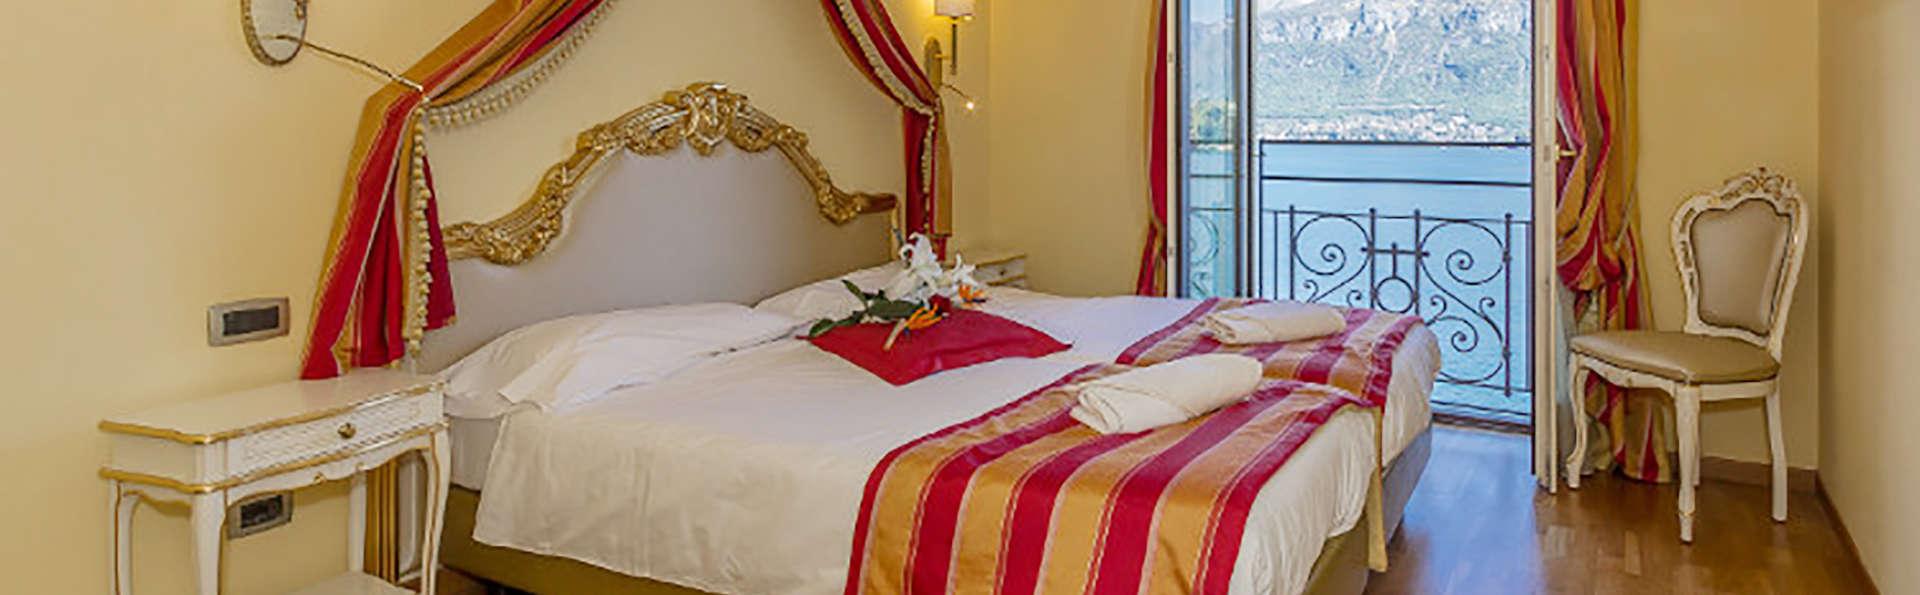 Hotel Britannia Excelsior - Edit_Room2.jpg